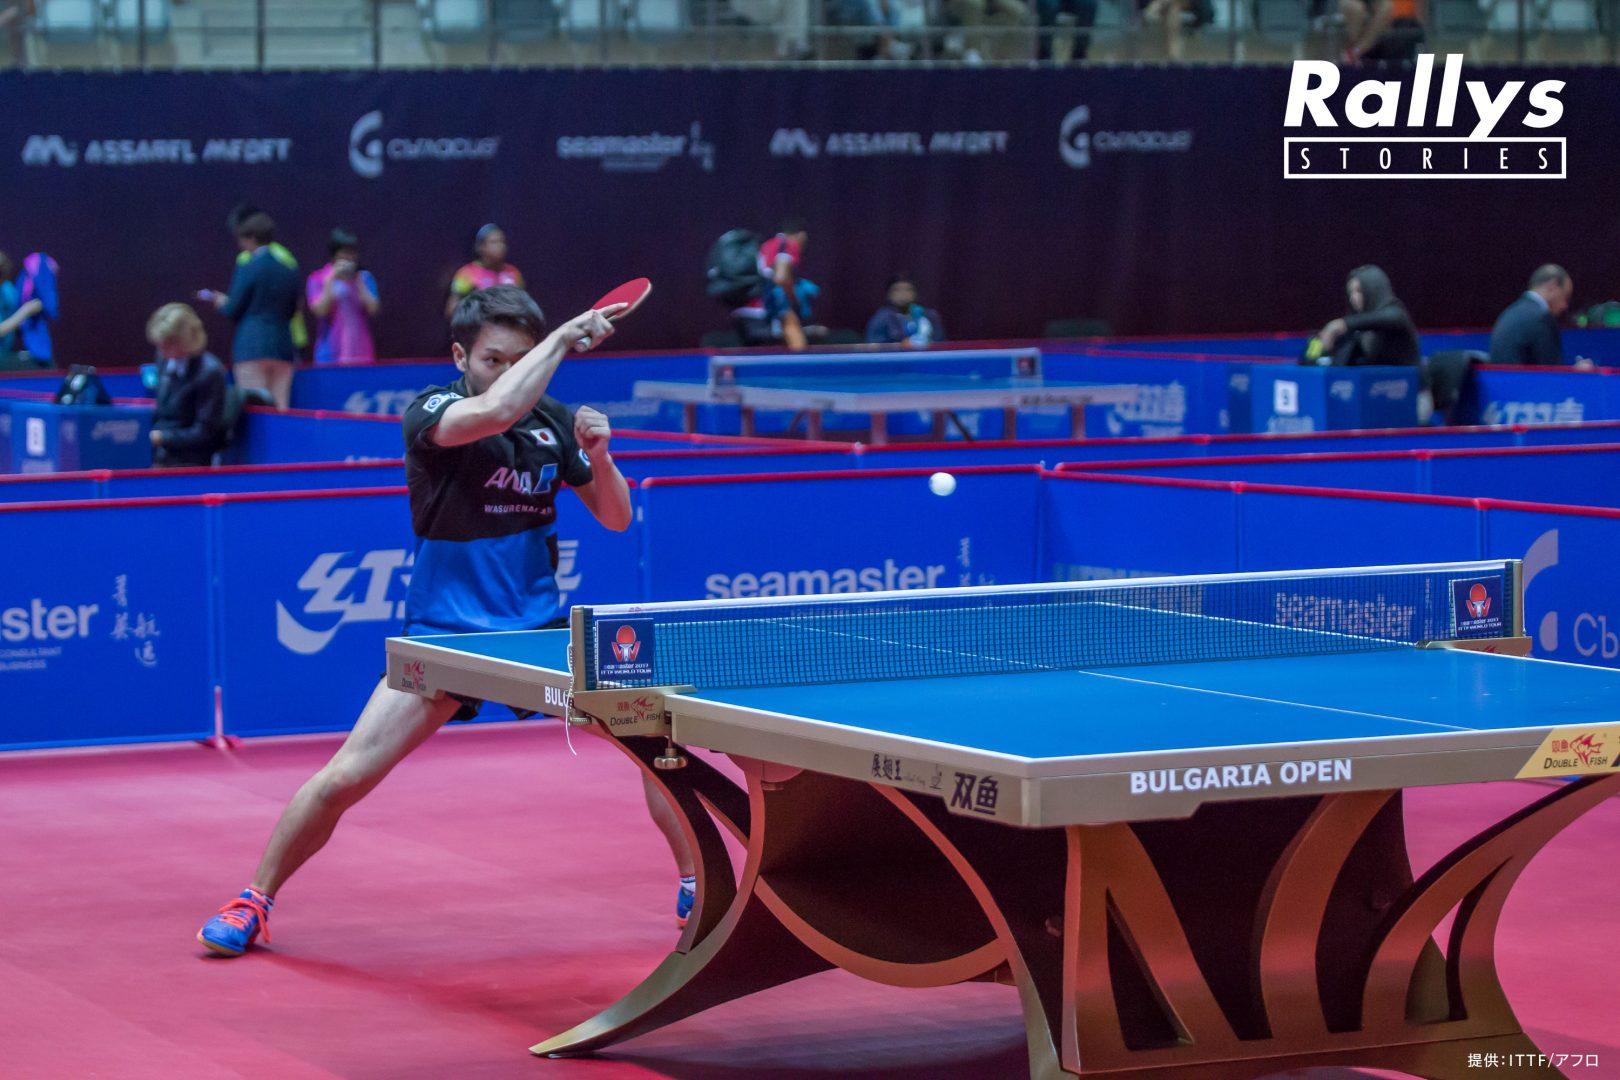 【卓球Photo Story】及川瑞基の軌跡。卓球少年から勝負師への覚醒